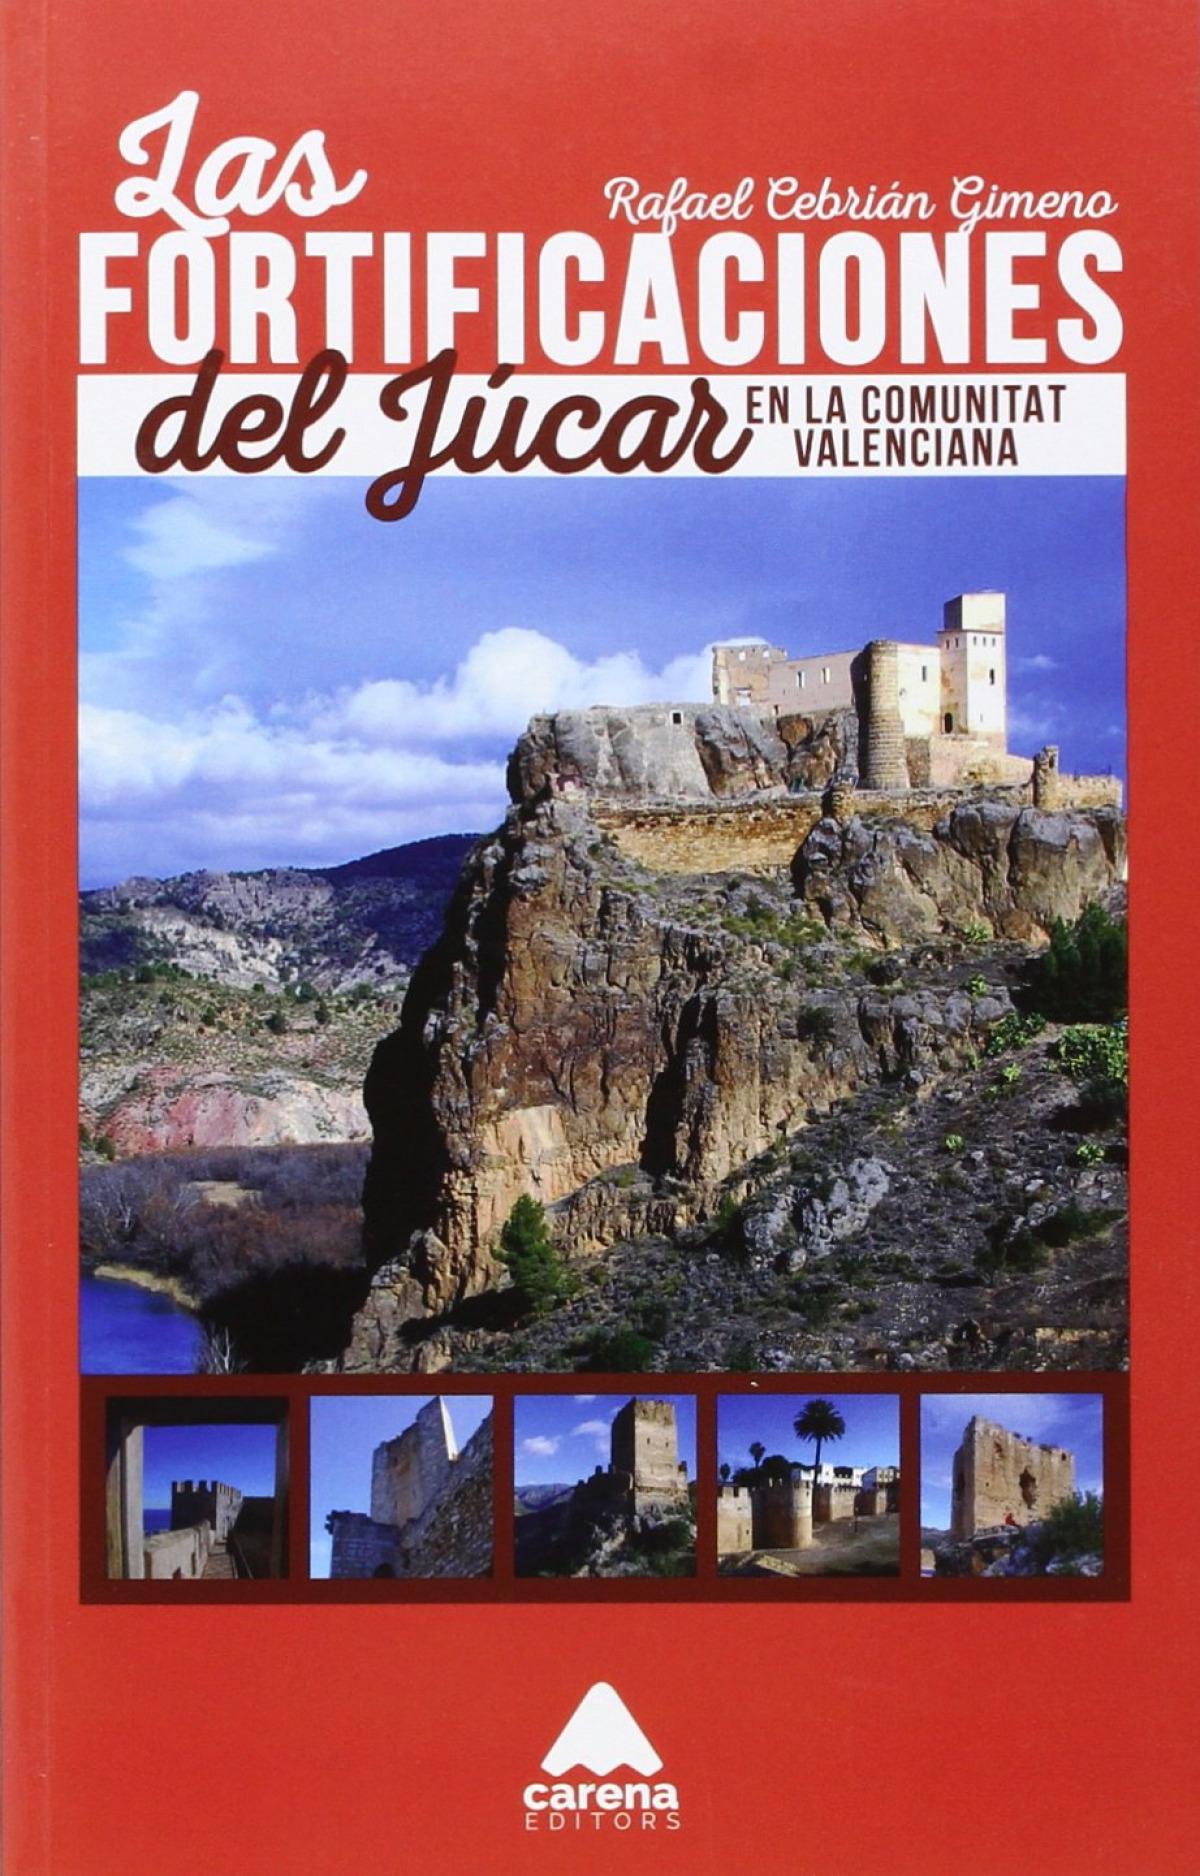 Las fortificaciones del Júcar en la Comunitat Valenciana 9788416130245